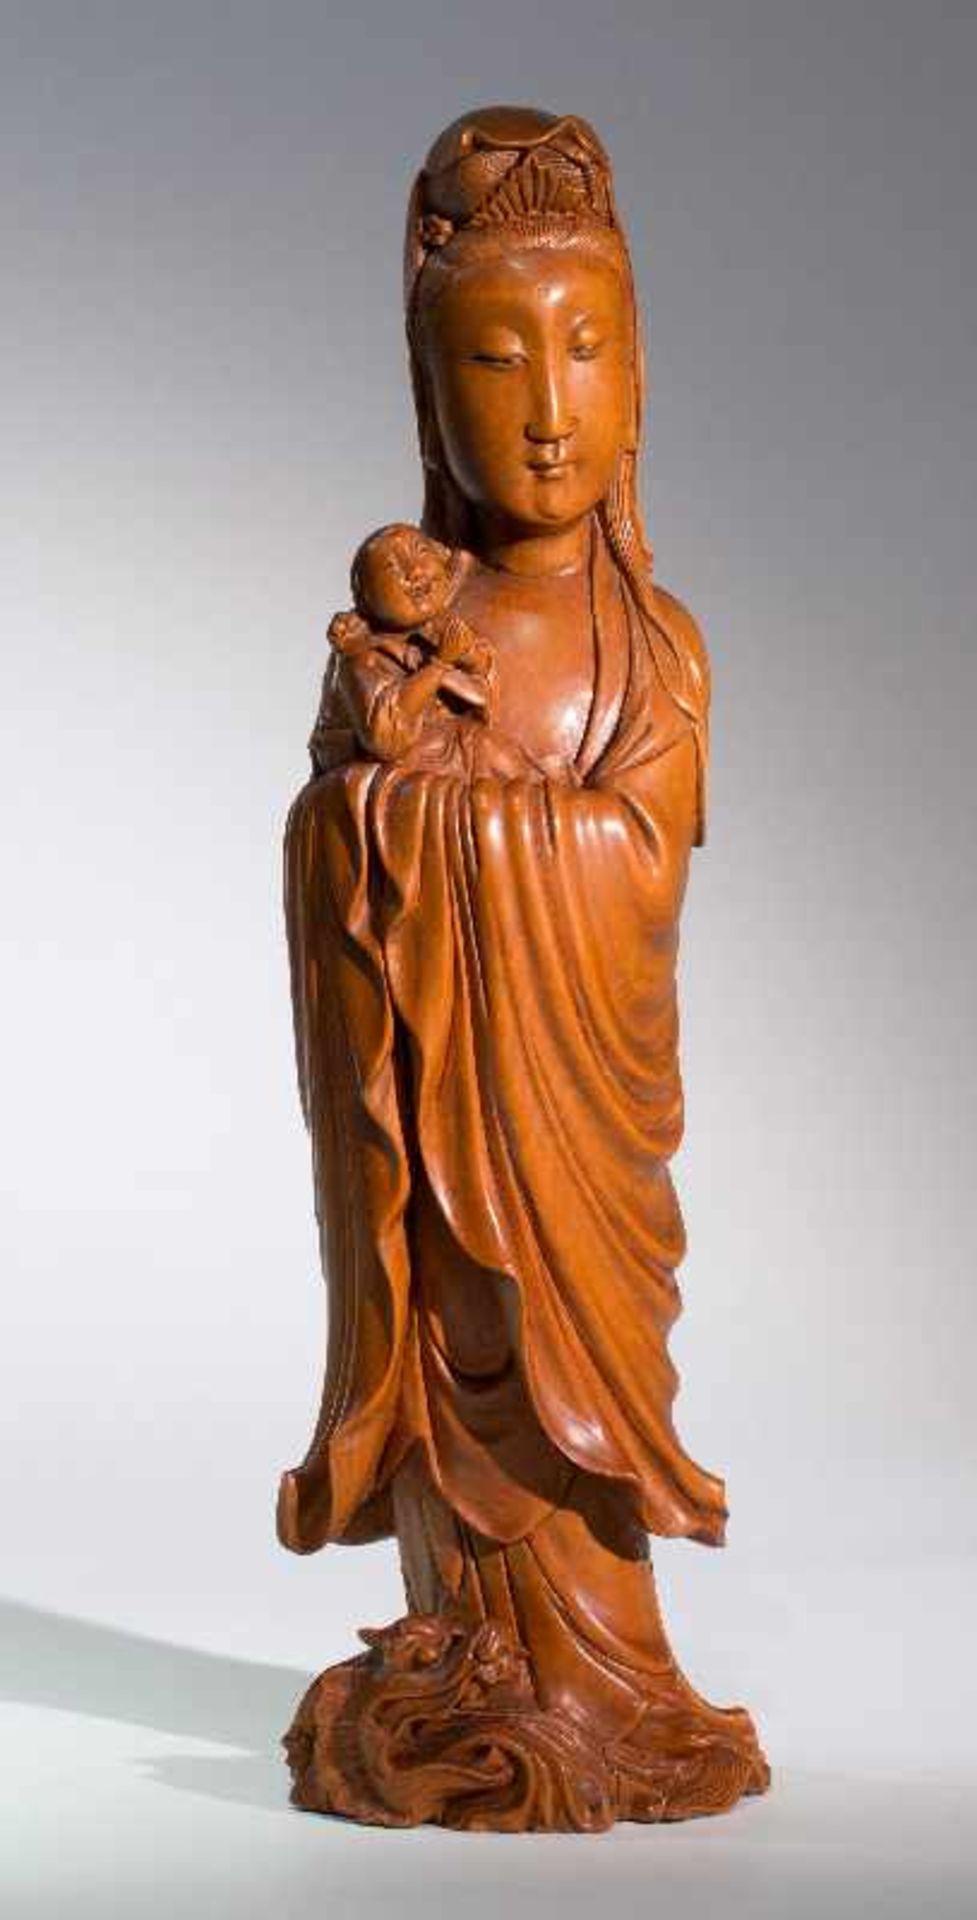 DIE KINDERBRINGENDE GÖTTIN GUANYINBuchsbaumholz. China, Qing-Dynastie, 18. bis 19. Jh. Ein